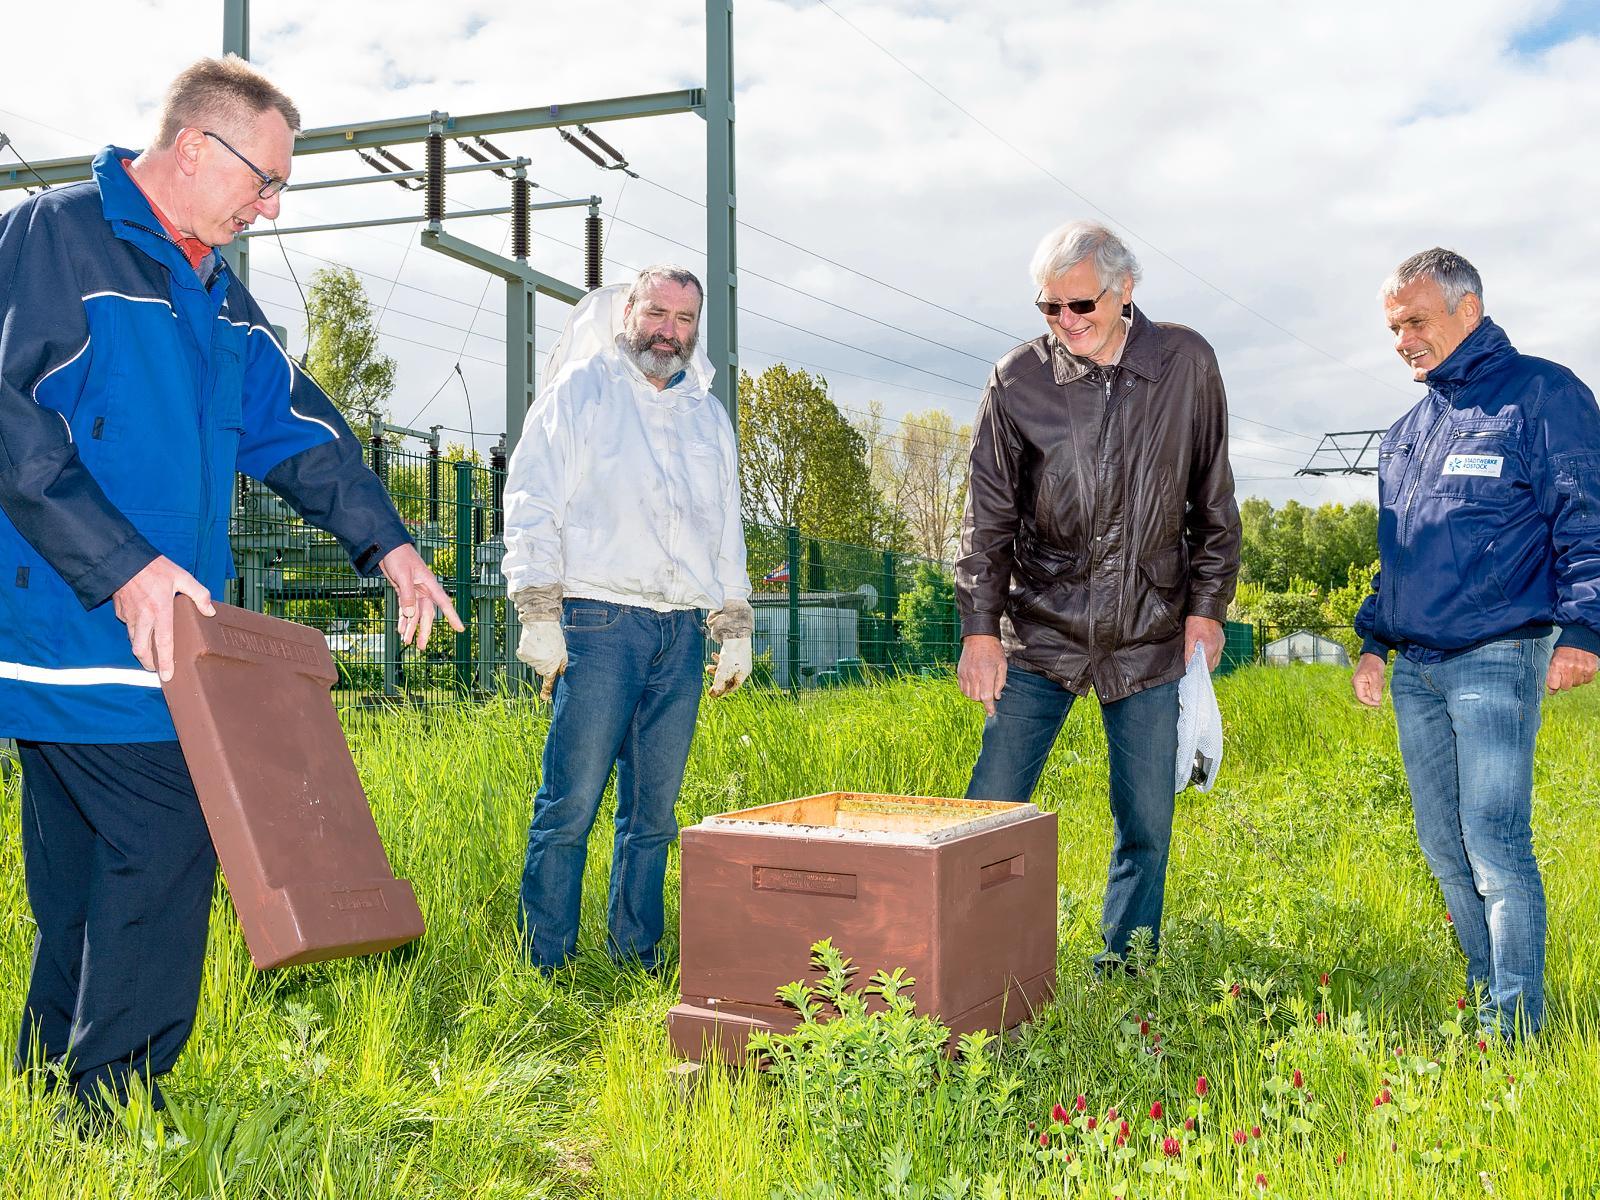 Unsere Netzgesellschafts-Mitarbeiter Torsten Wegener (l.) und Frank Knobloch (r.) mit den Imkern auf der Grasfläche am Umspannwerk Warnemünde. Foto: Margit Wild